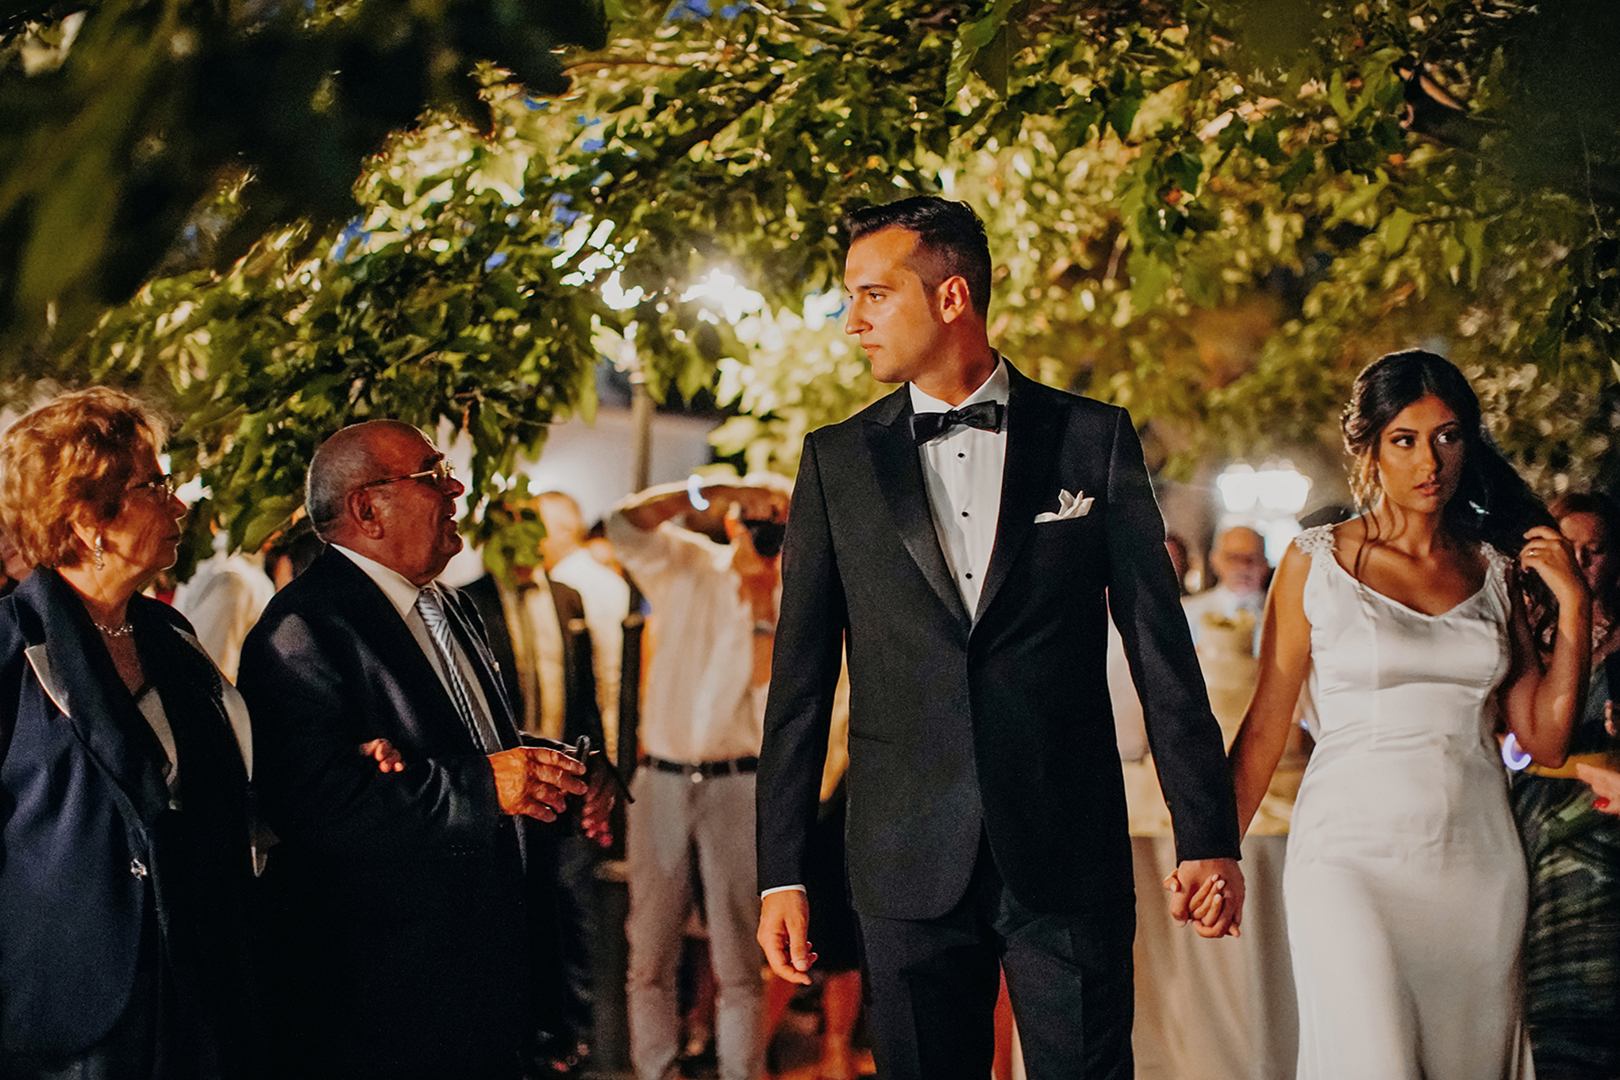 76 gianni-lepore-fotografo-serale-sposi-bride-groom